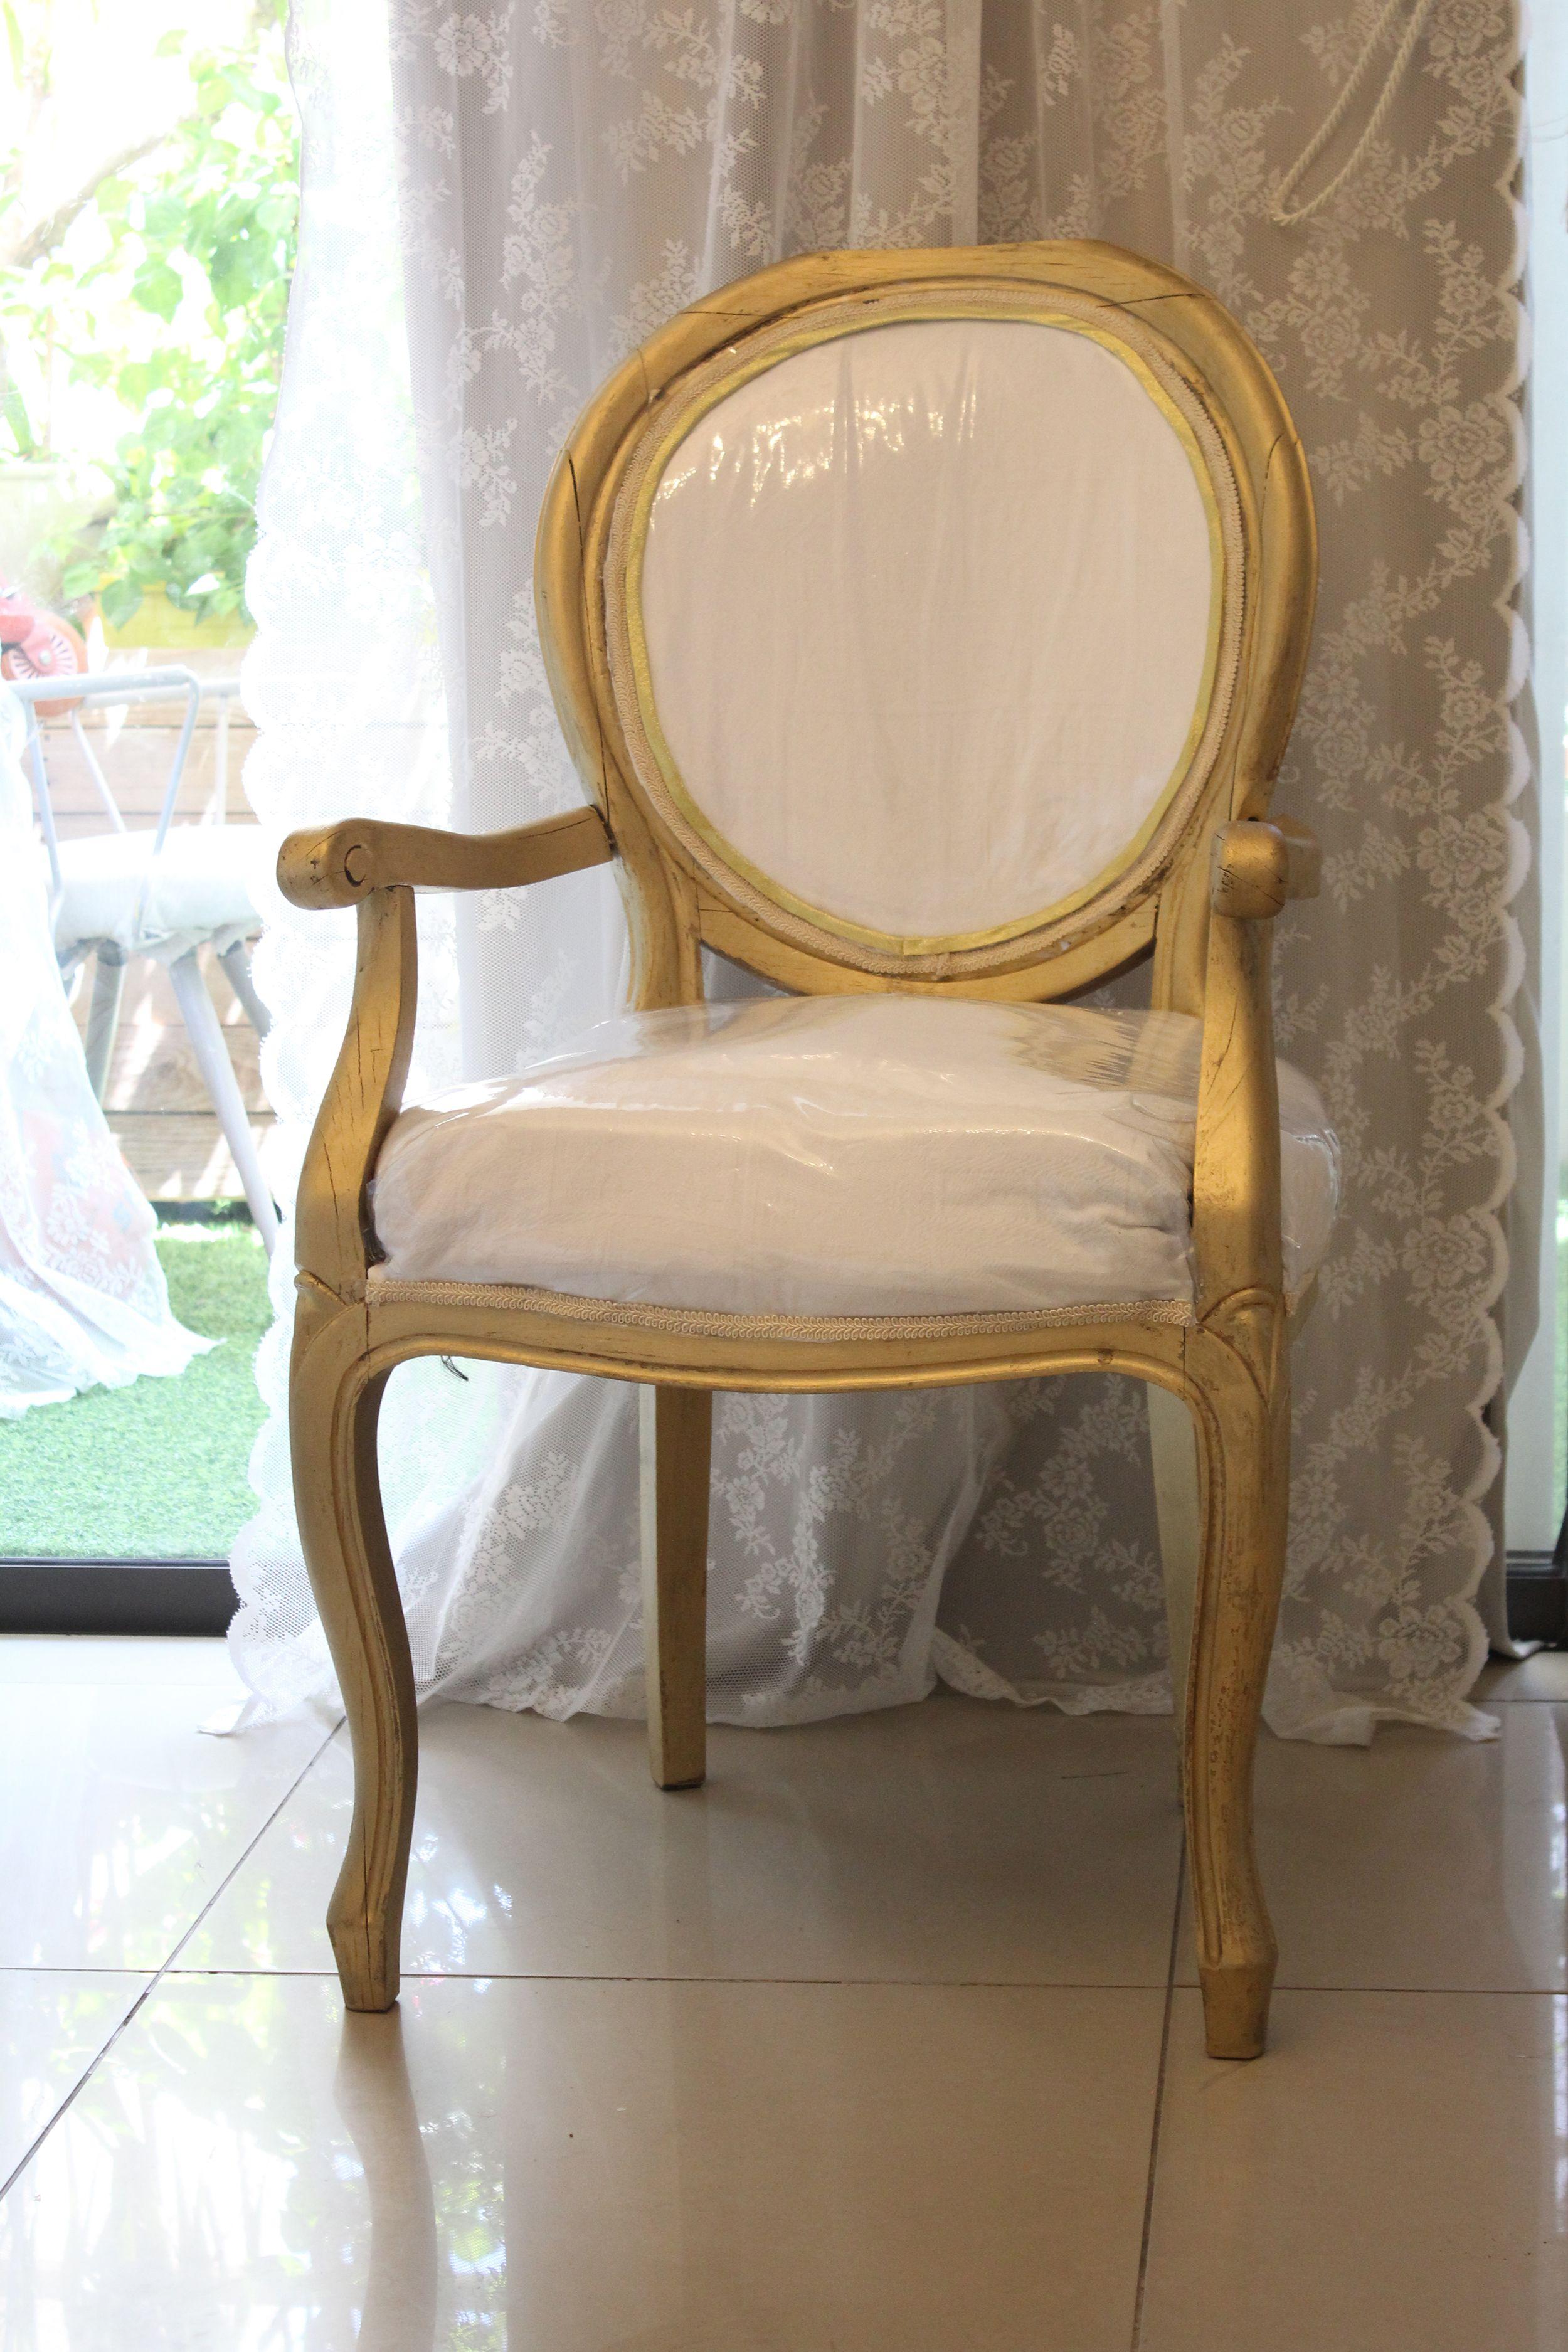 IMG 4211 - חידוש כסא עתיק